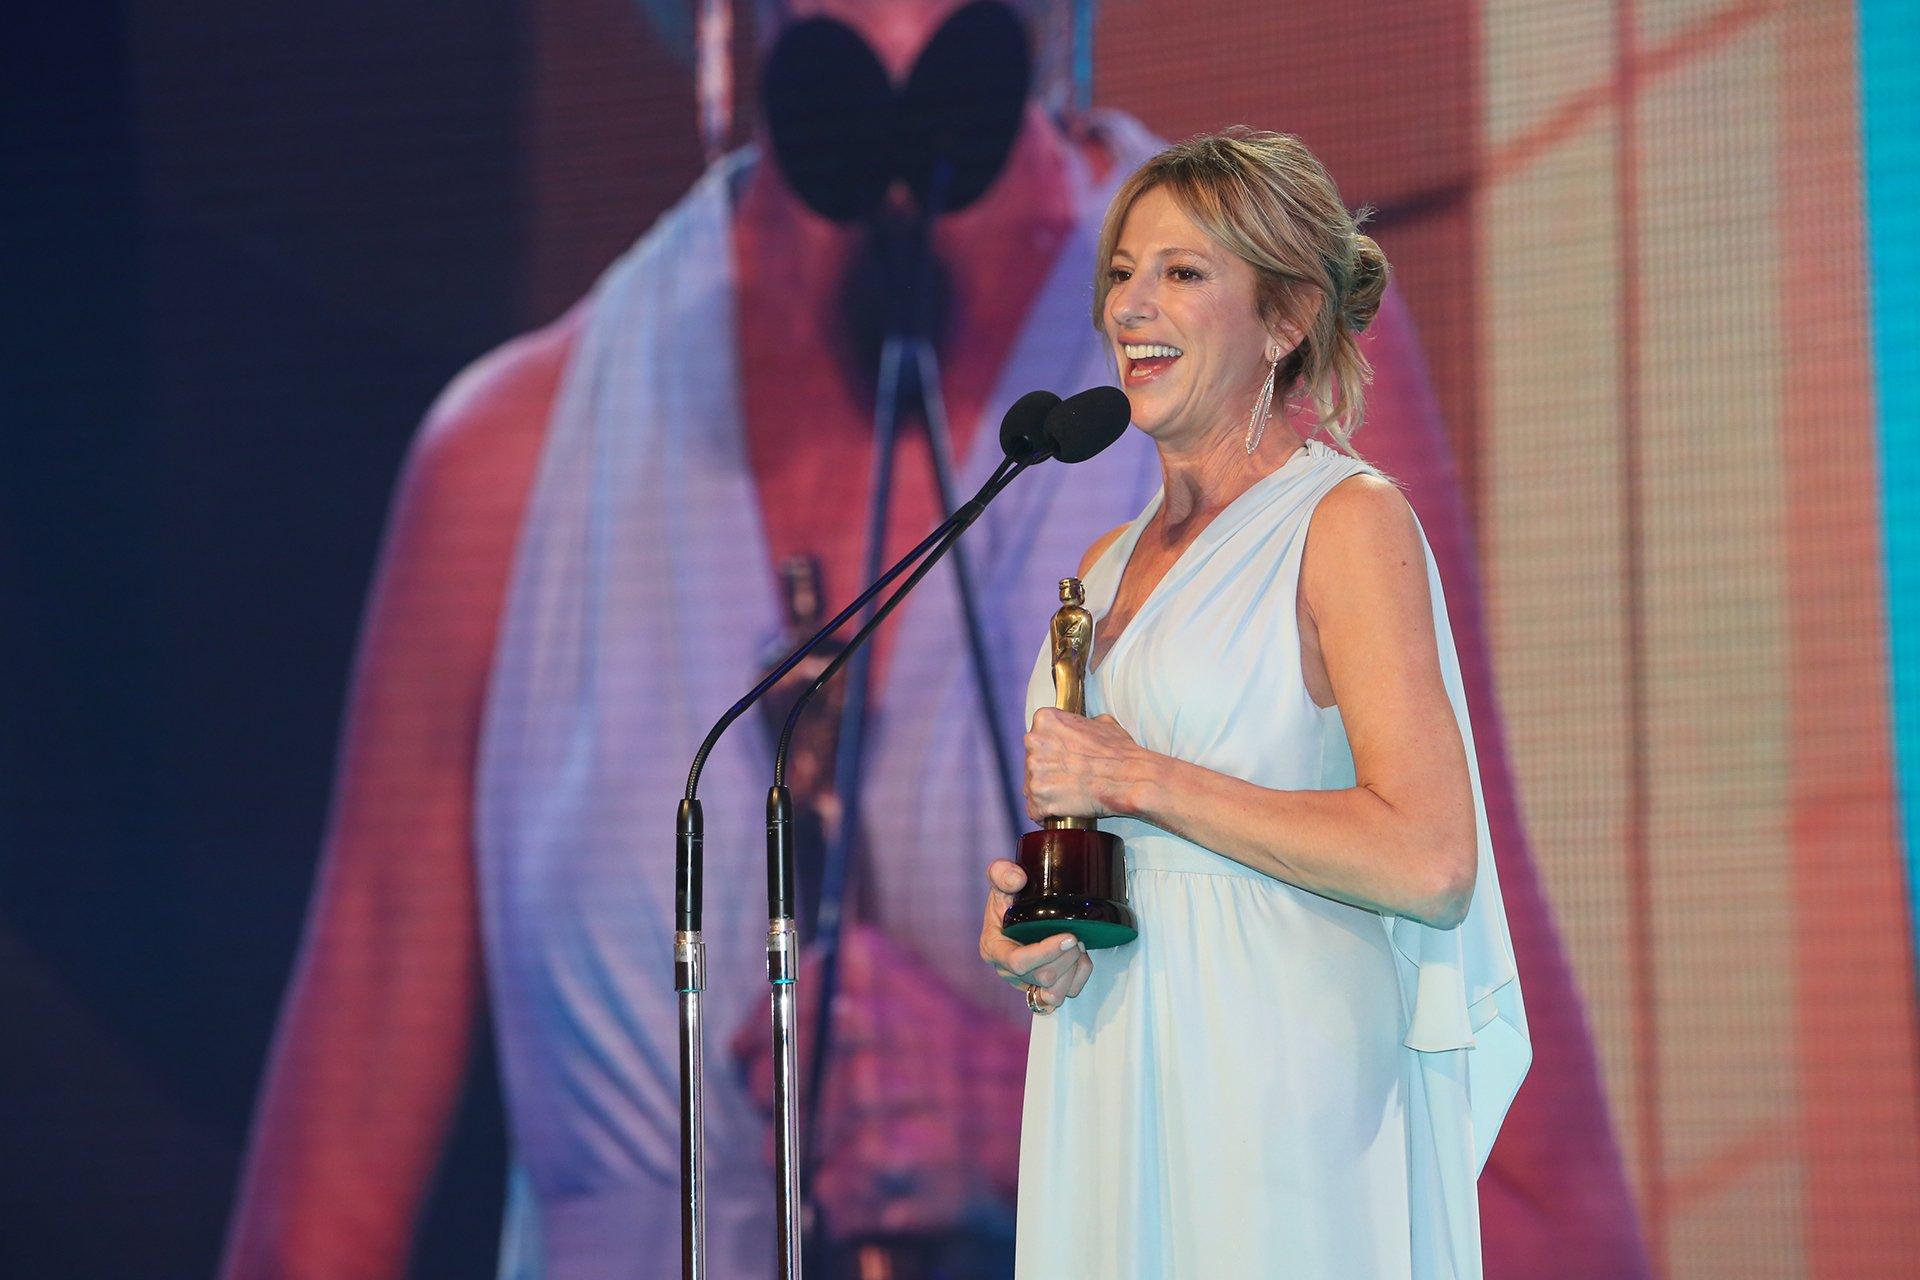 Claudia Fontán, la ganadora del Martín Fierro, en categoría protagonista femenina en unitario o miniseria